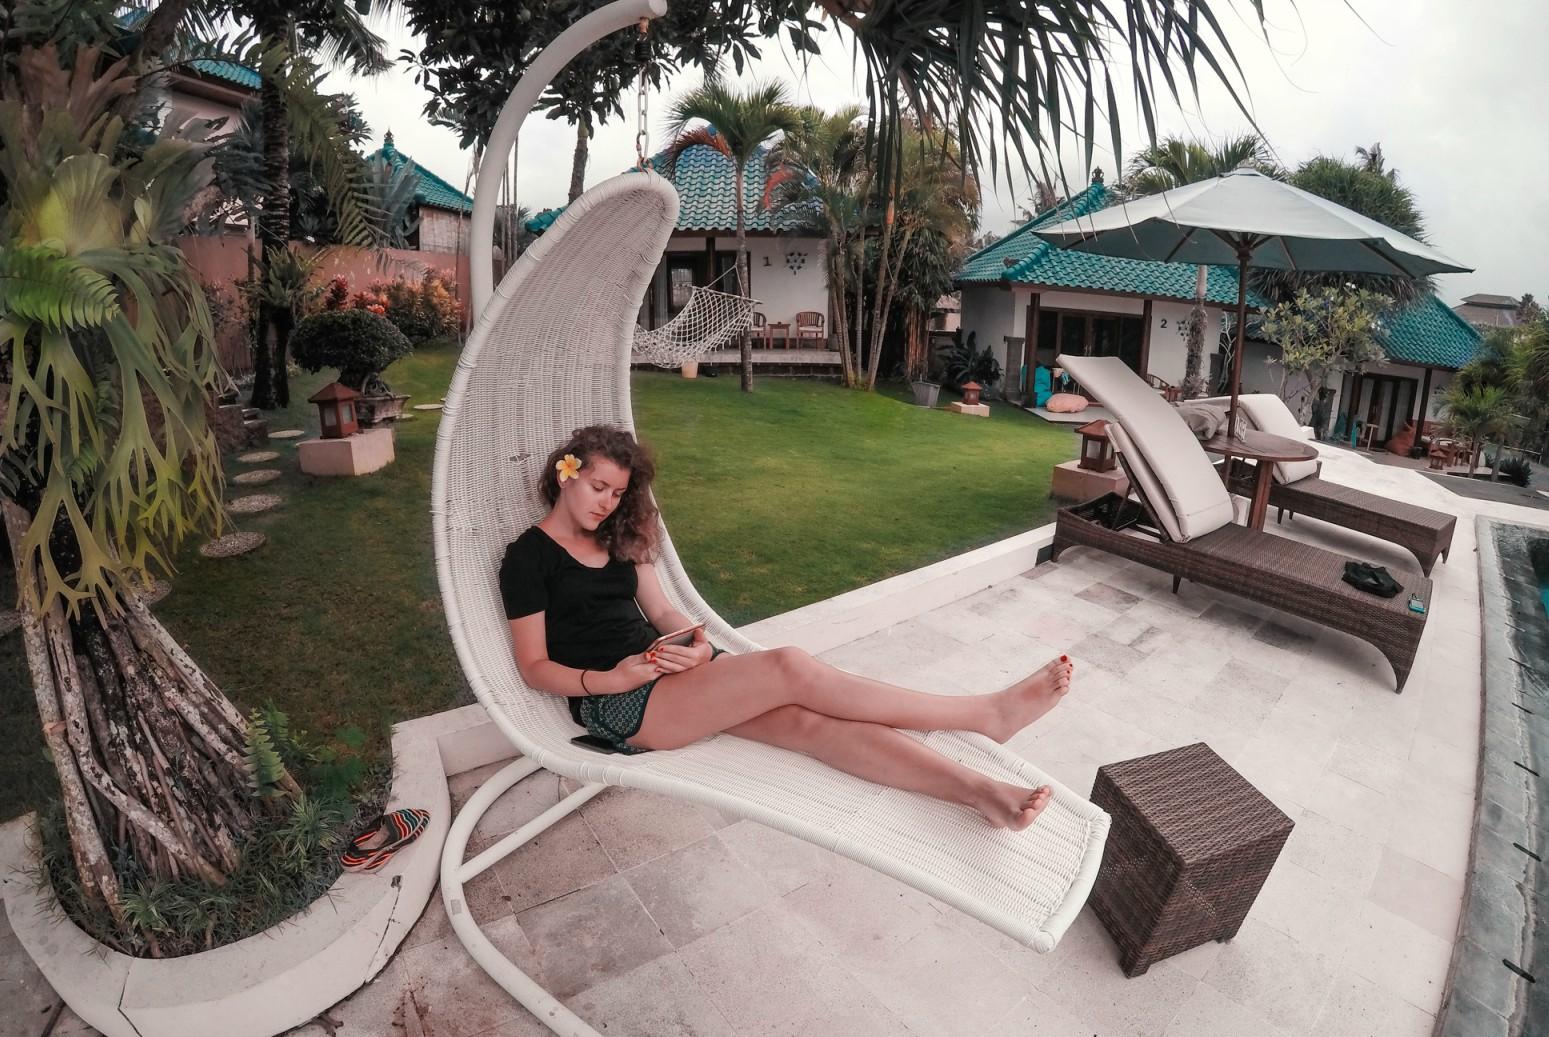 Cestovanie po svete: S čím ma obohatilo a čo je to, čo ma naopak zaráža?